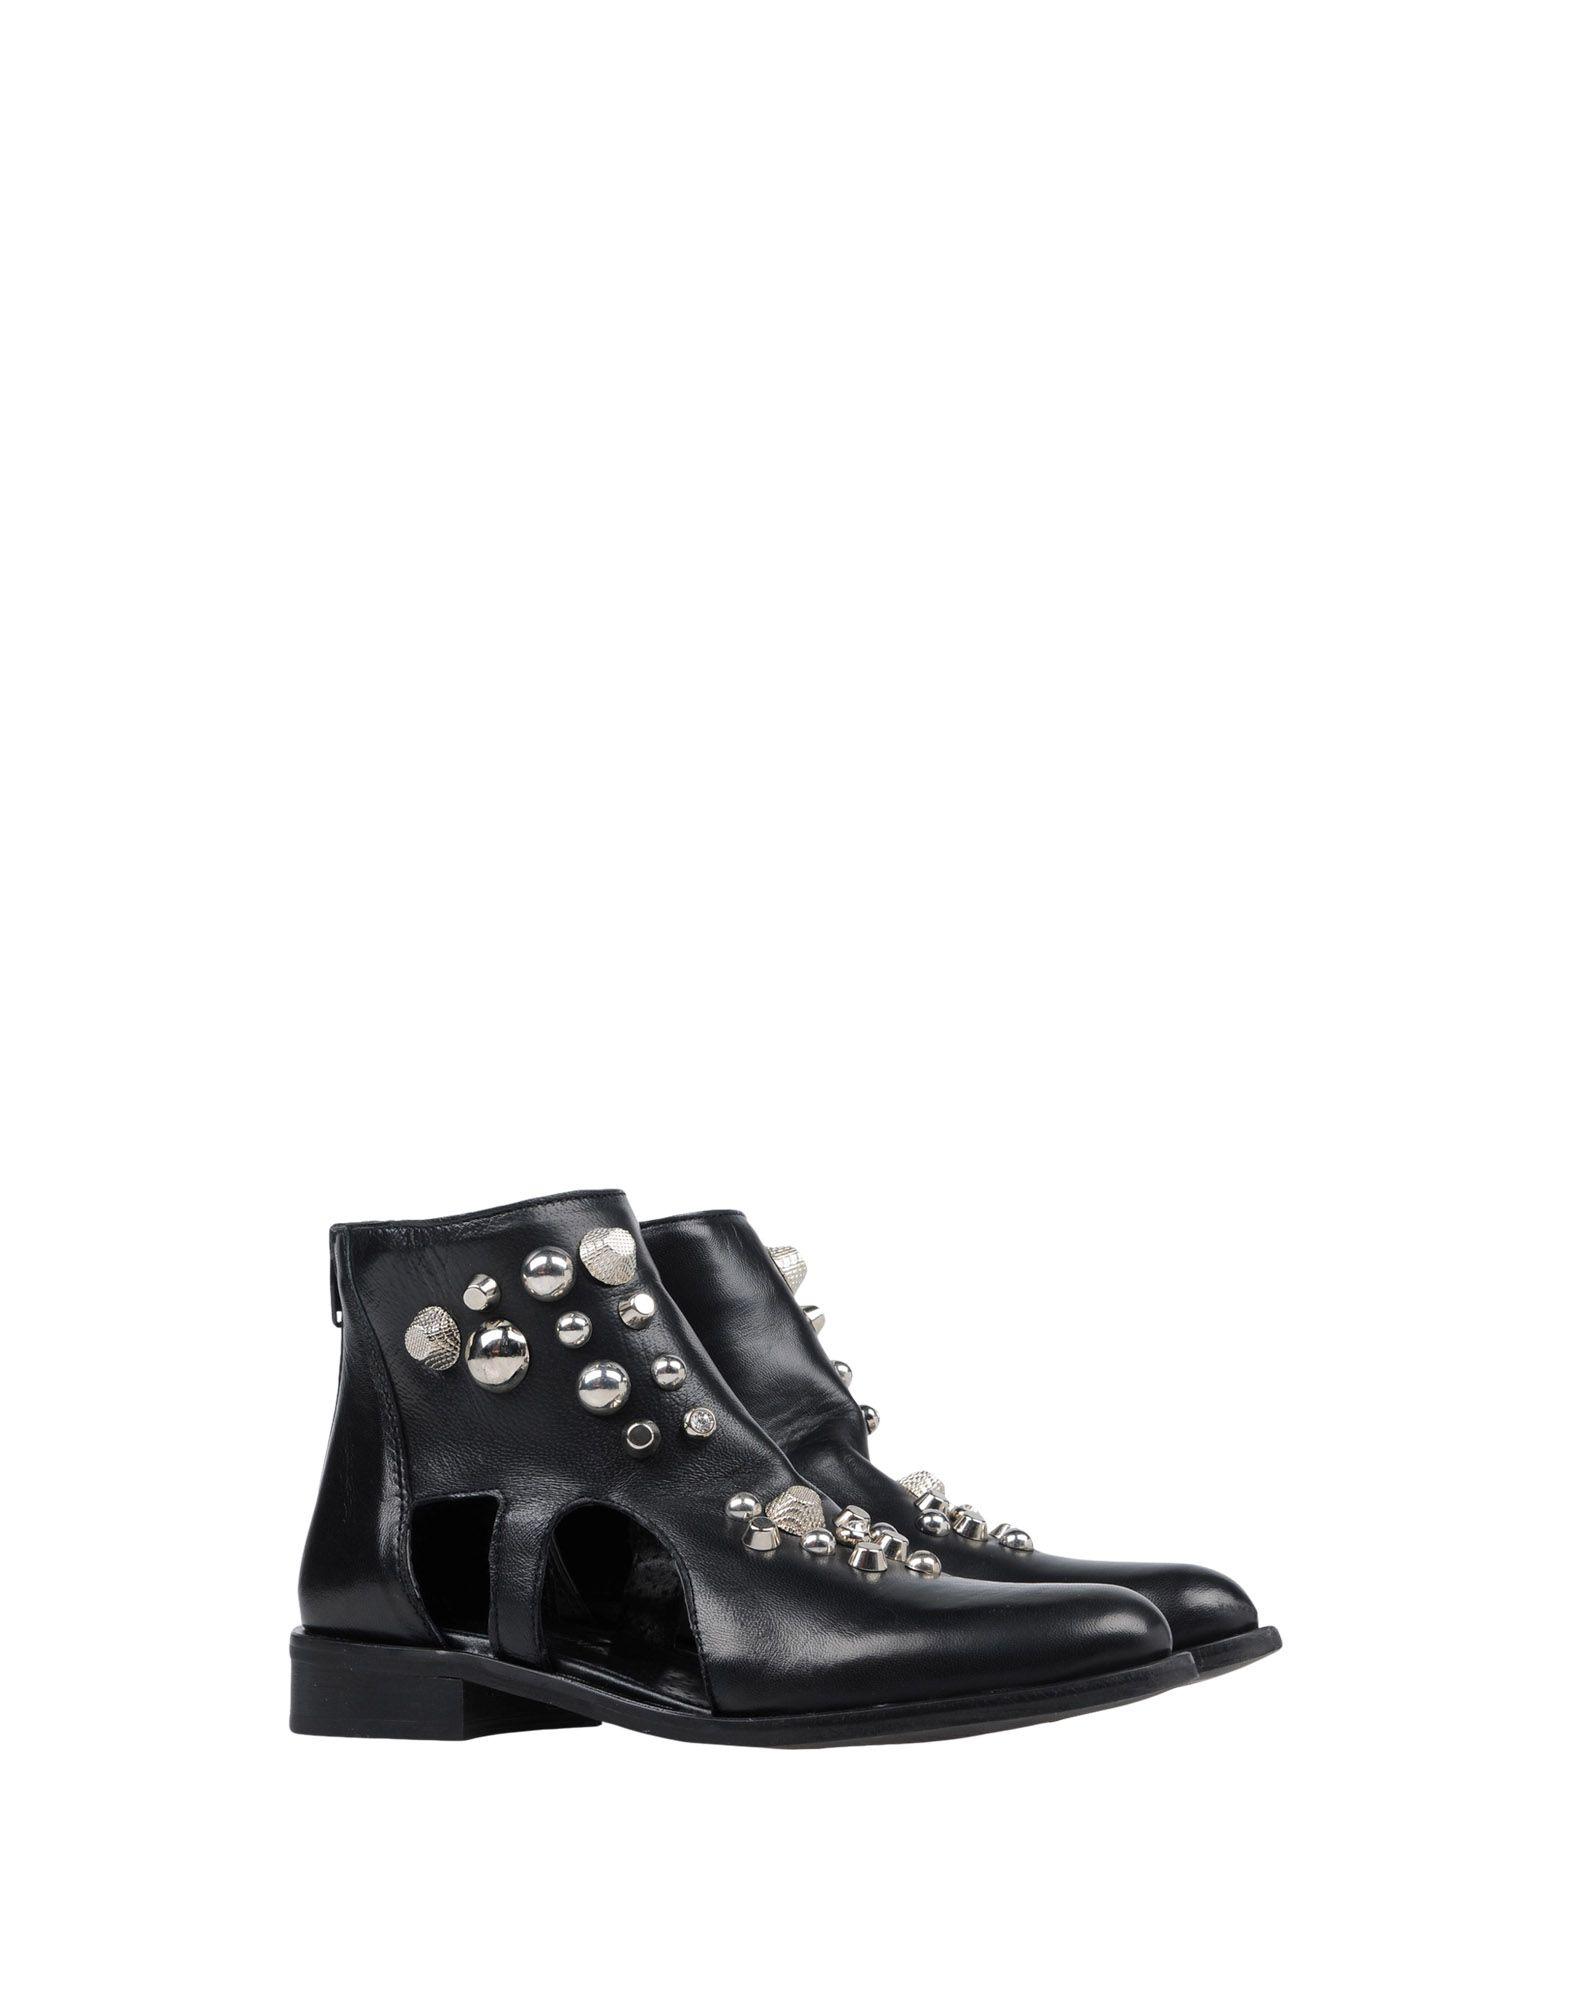 Fabrizio Chini Chini Fabrizio Stiefelette Damen  11434793HV Gute Qualität beliebte Schuhe 292bf0